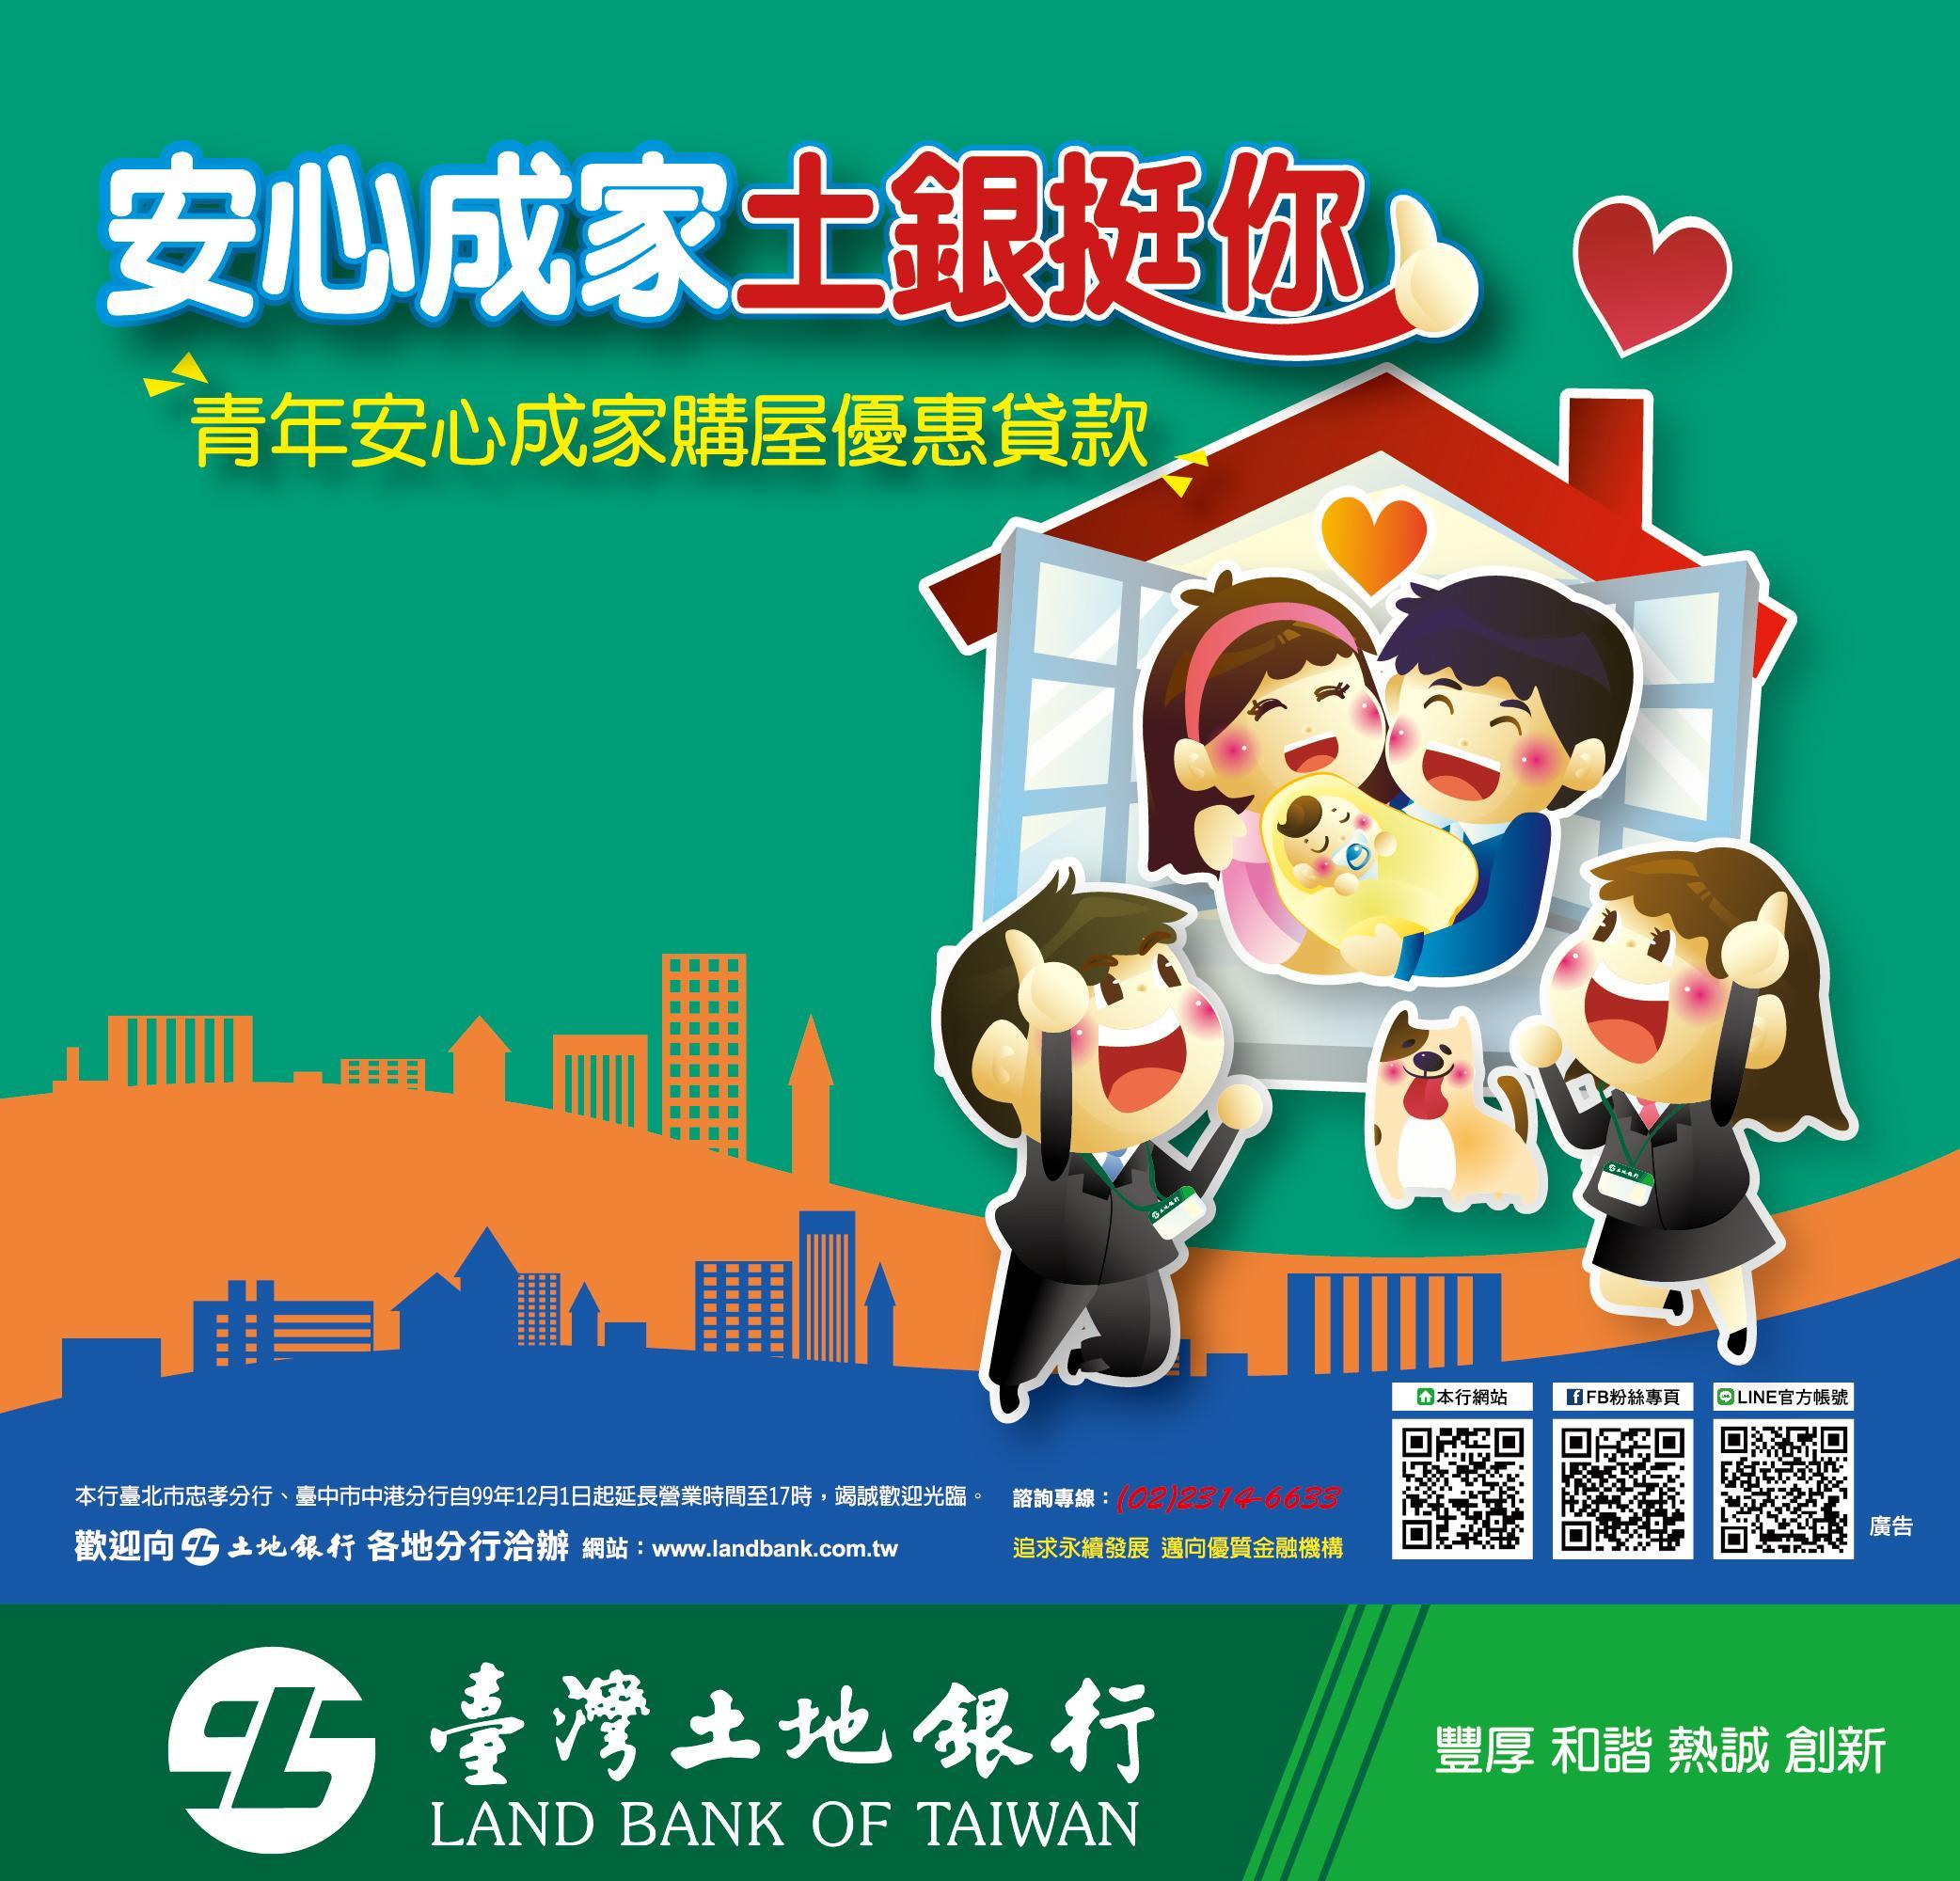 臺灣土地銀行